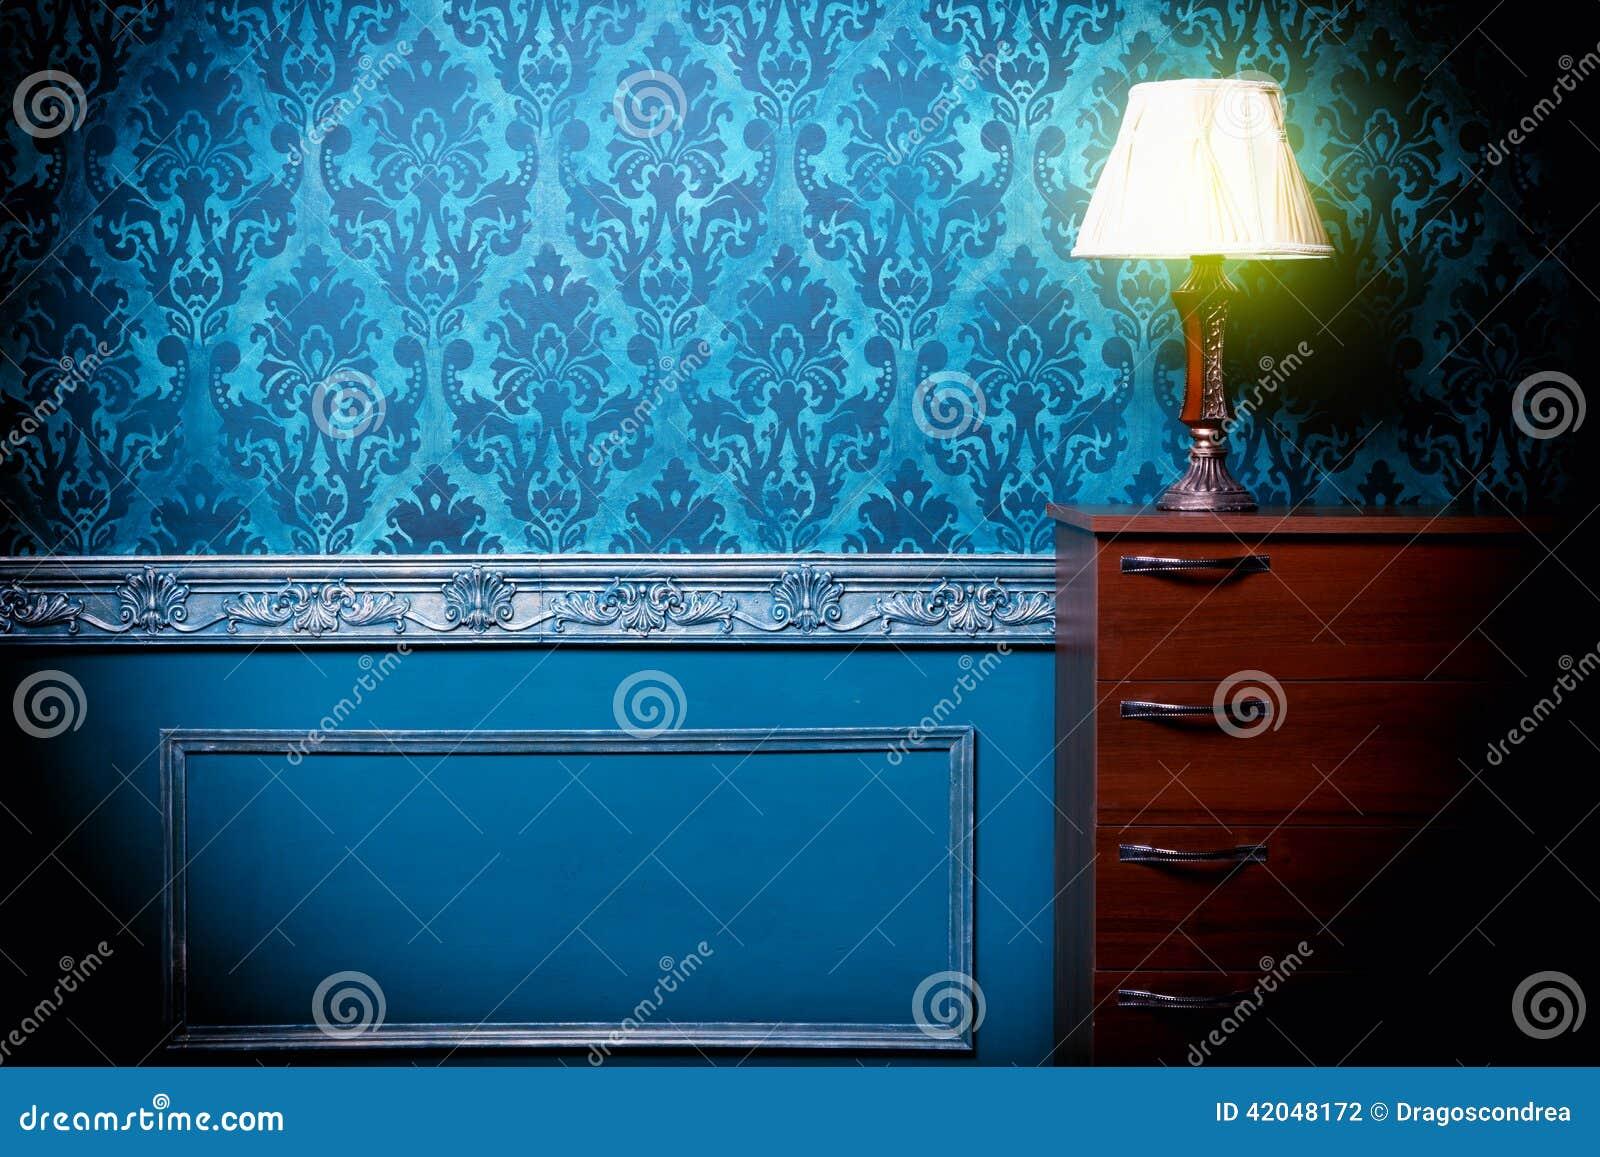 Vintage lamp in retro blue toned interior